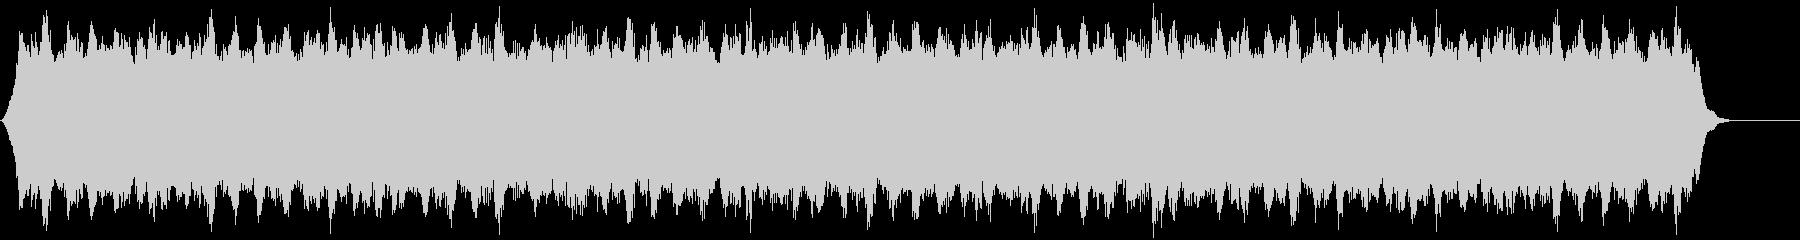 遅いパルス光波パルス、光波の未再生の波形